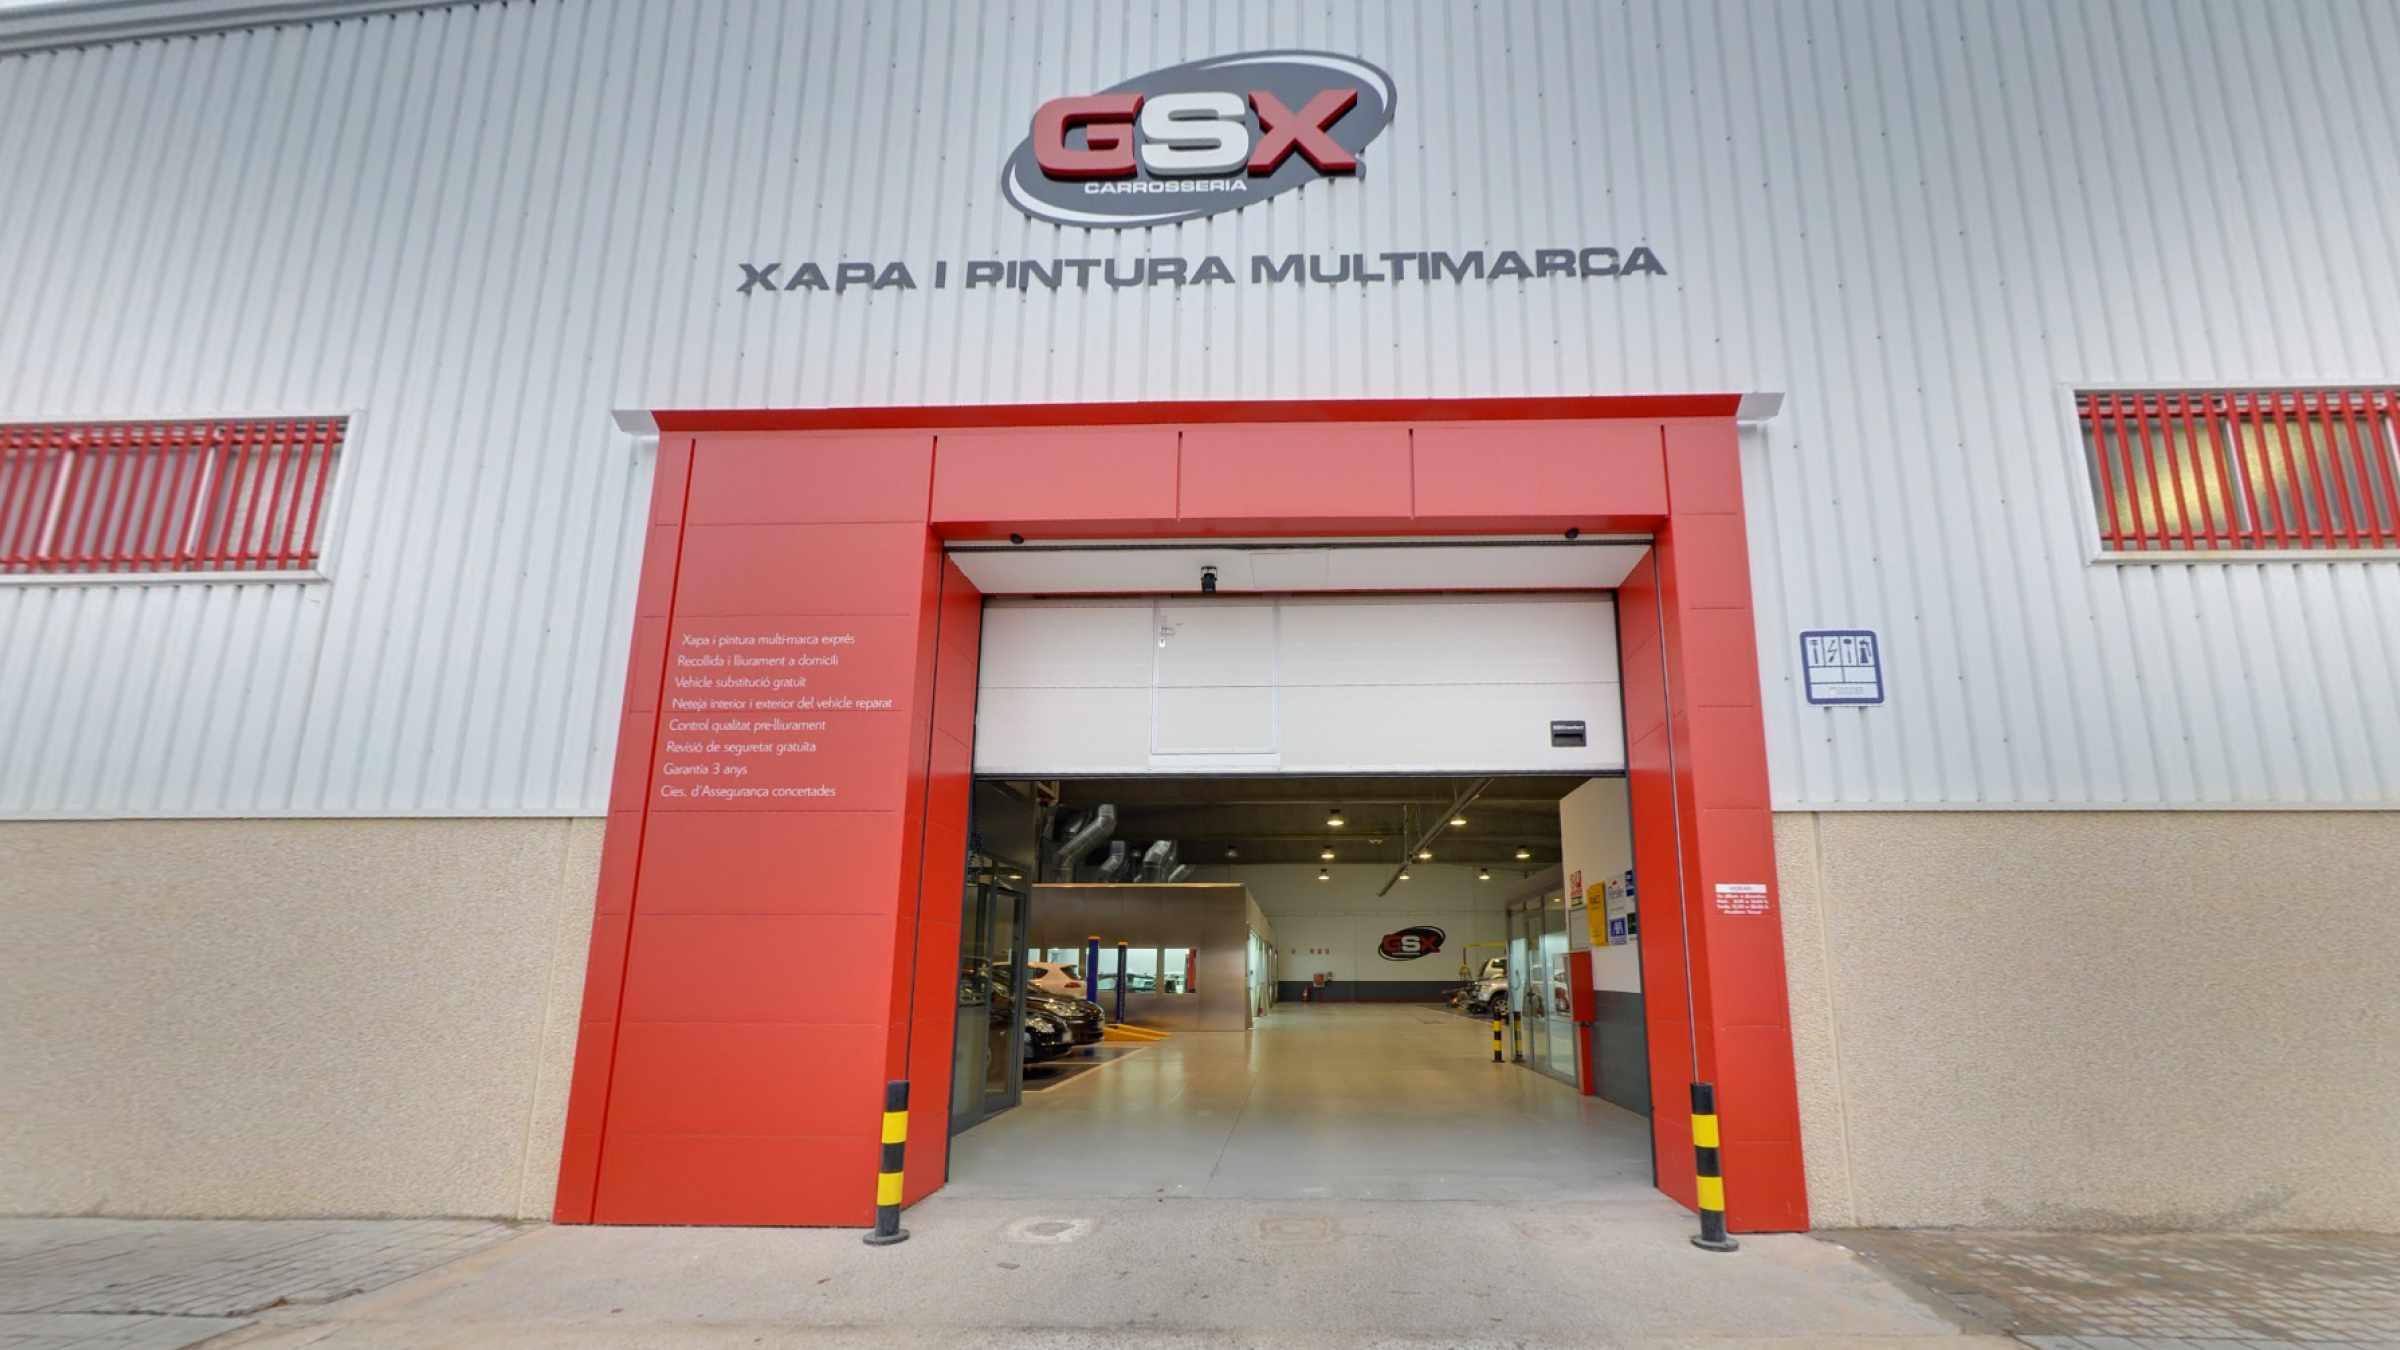 Façana GSX Carrosseria - Taller de xapa i pintura